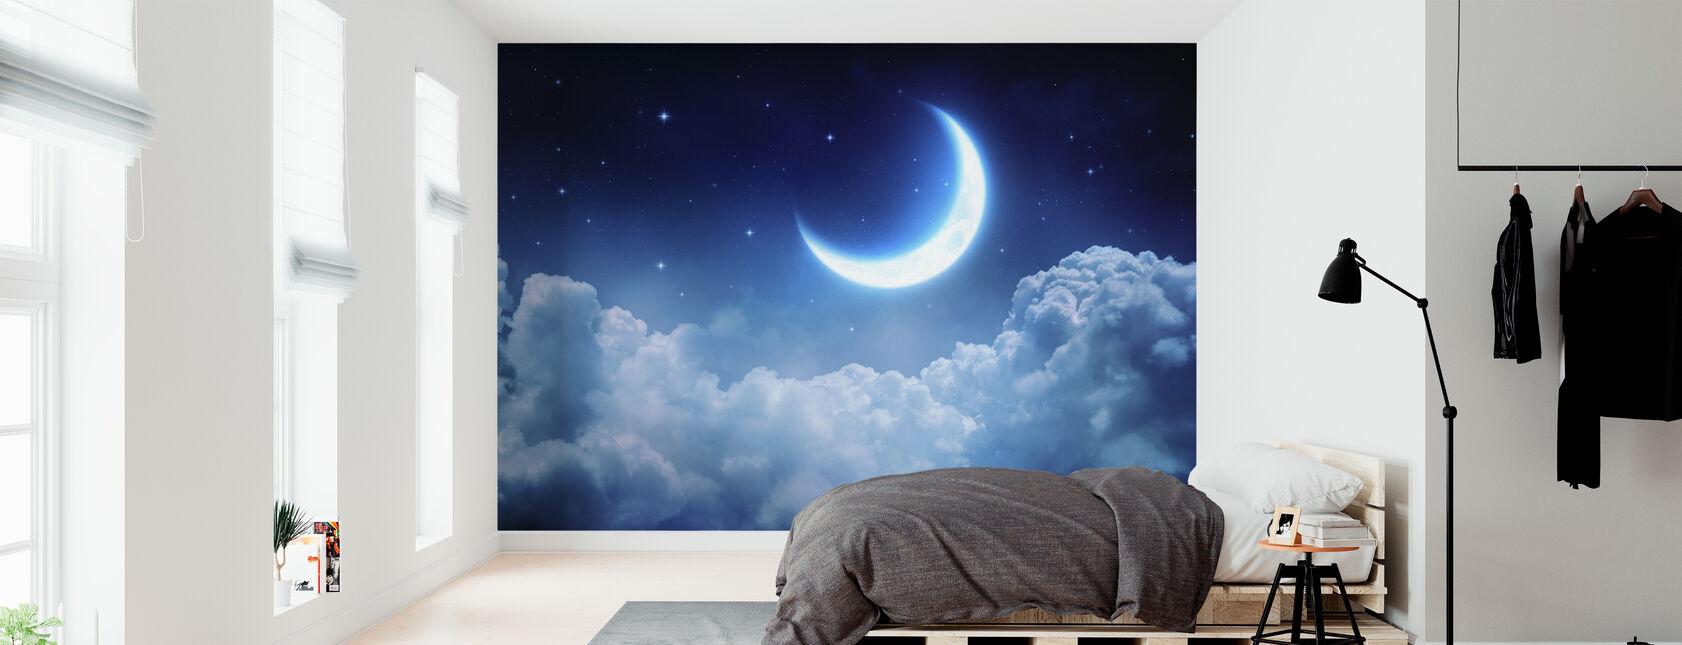 Unelma näkymä Kuu - Tapetti - Makuuhuone